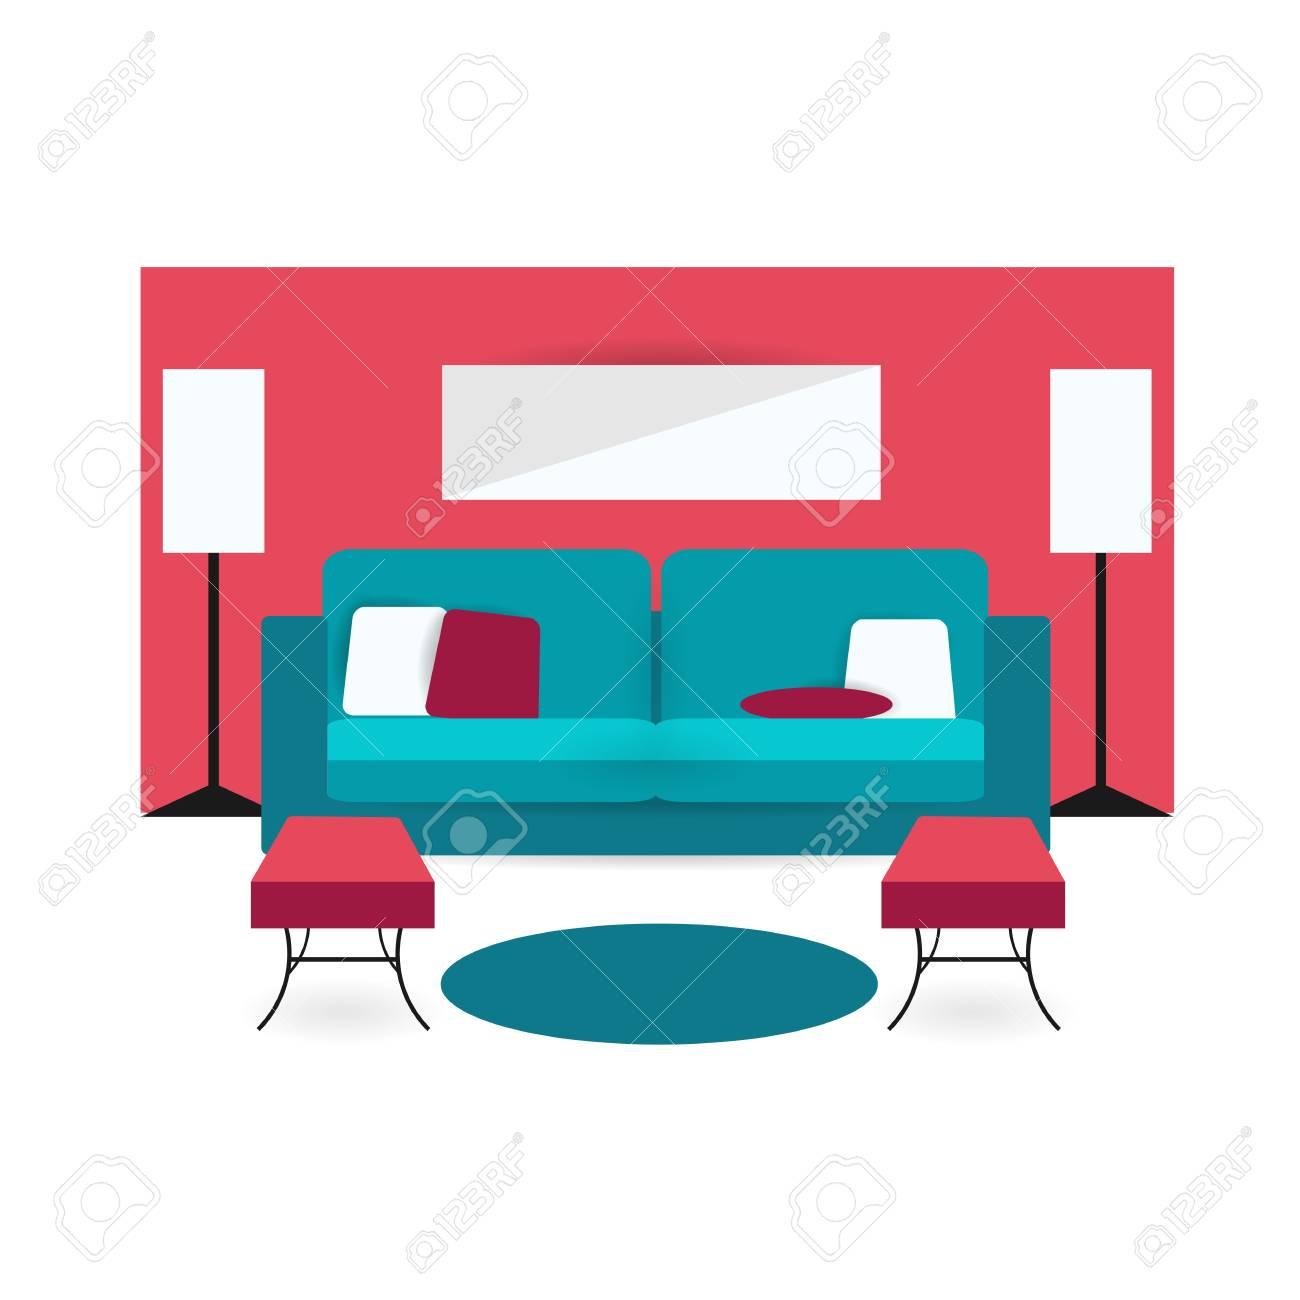 Wohnzimmer Hintergrund Unter Bunten Design Mit Möbeln Doppel Sofa,  Schränke, Lampen, Sessel